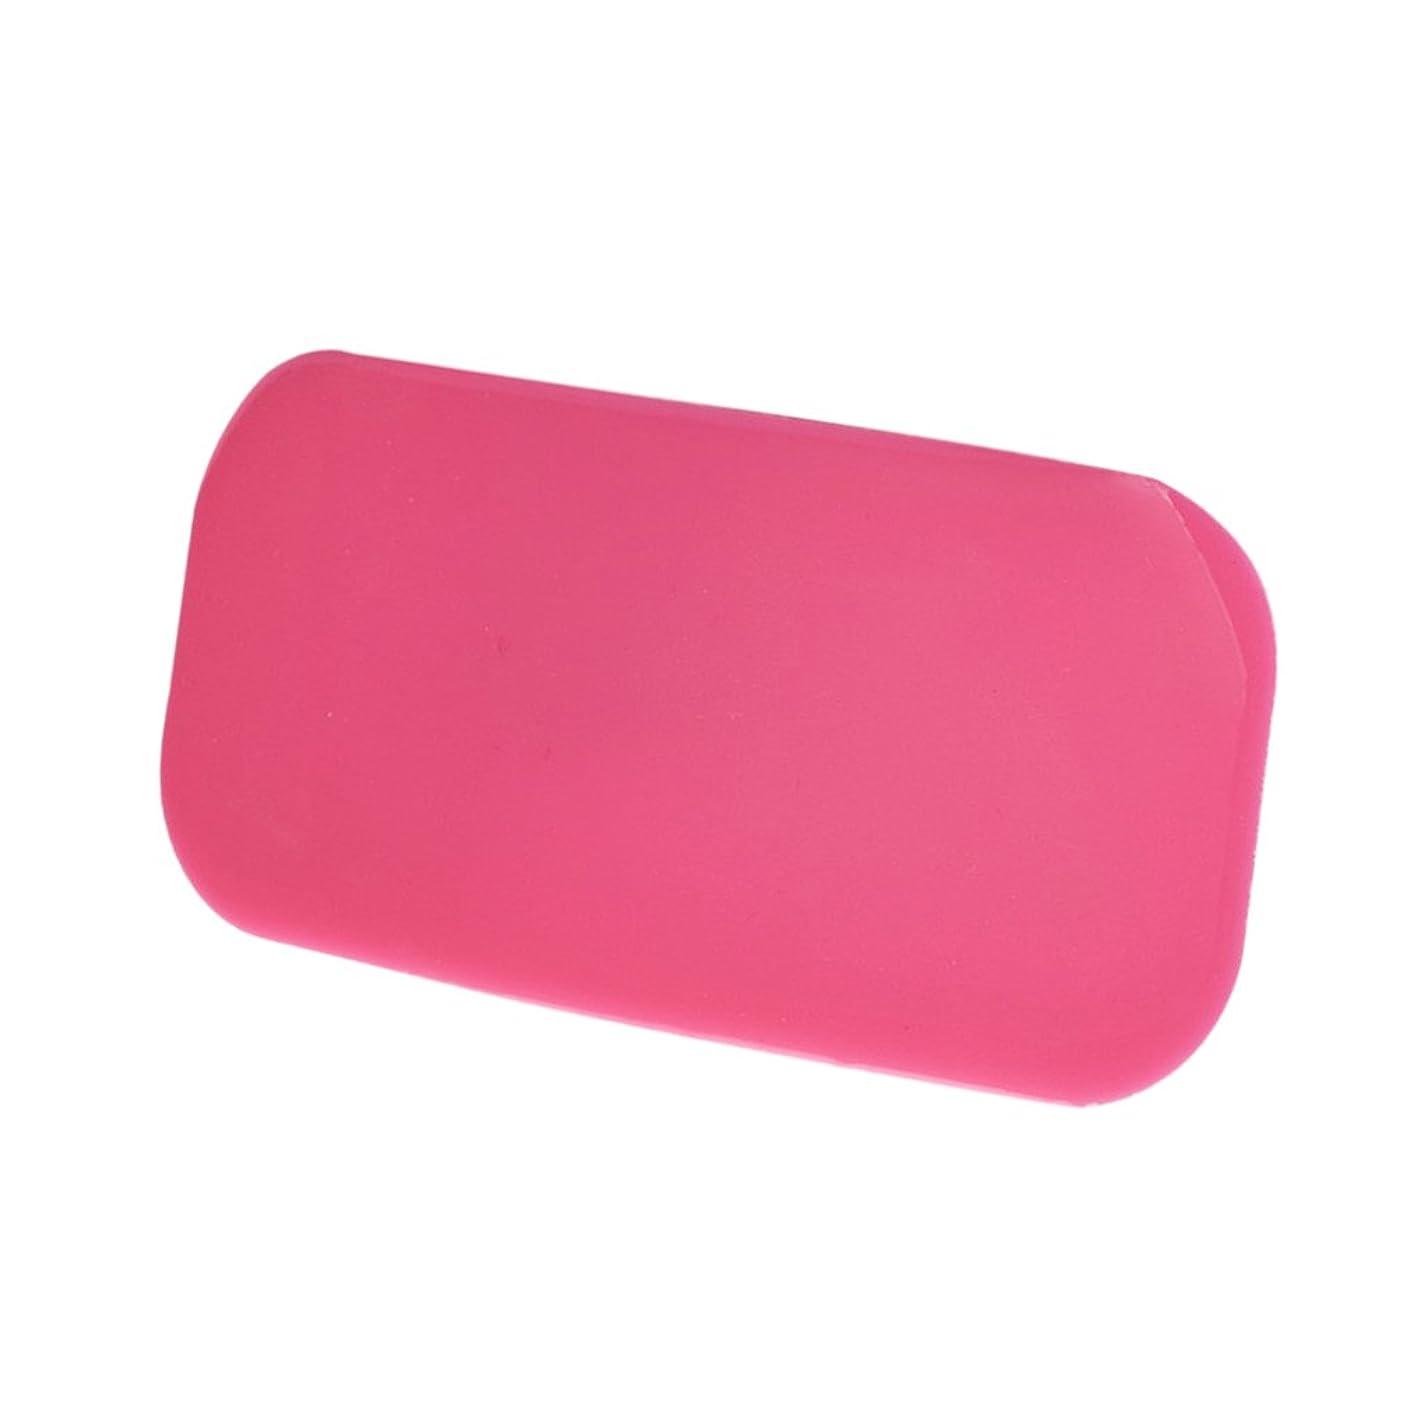 無限ユーザー提案つけまつげホルダー スタンド パッド まつげパレット シリコーン ビューティサロン 個人 便利グッズ